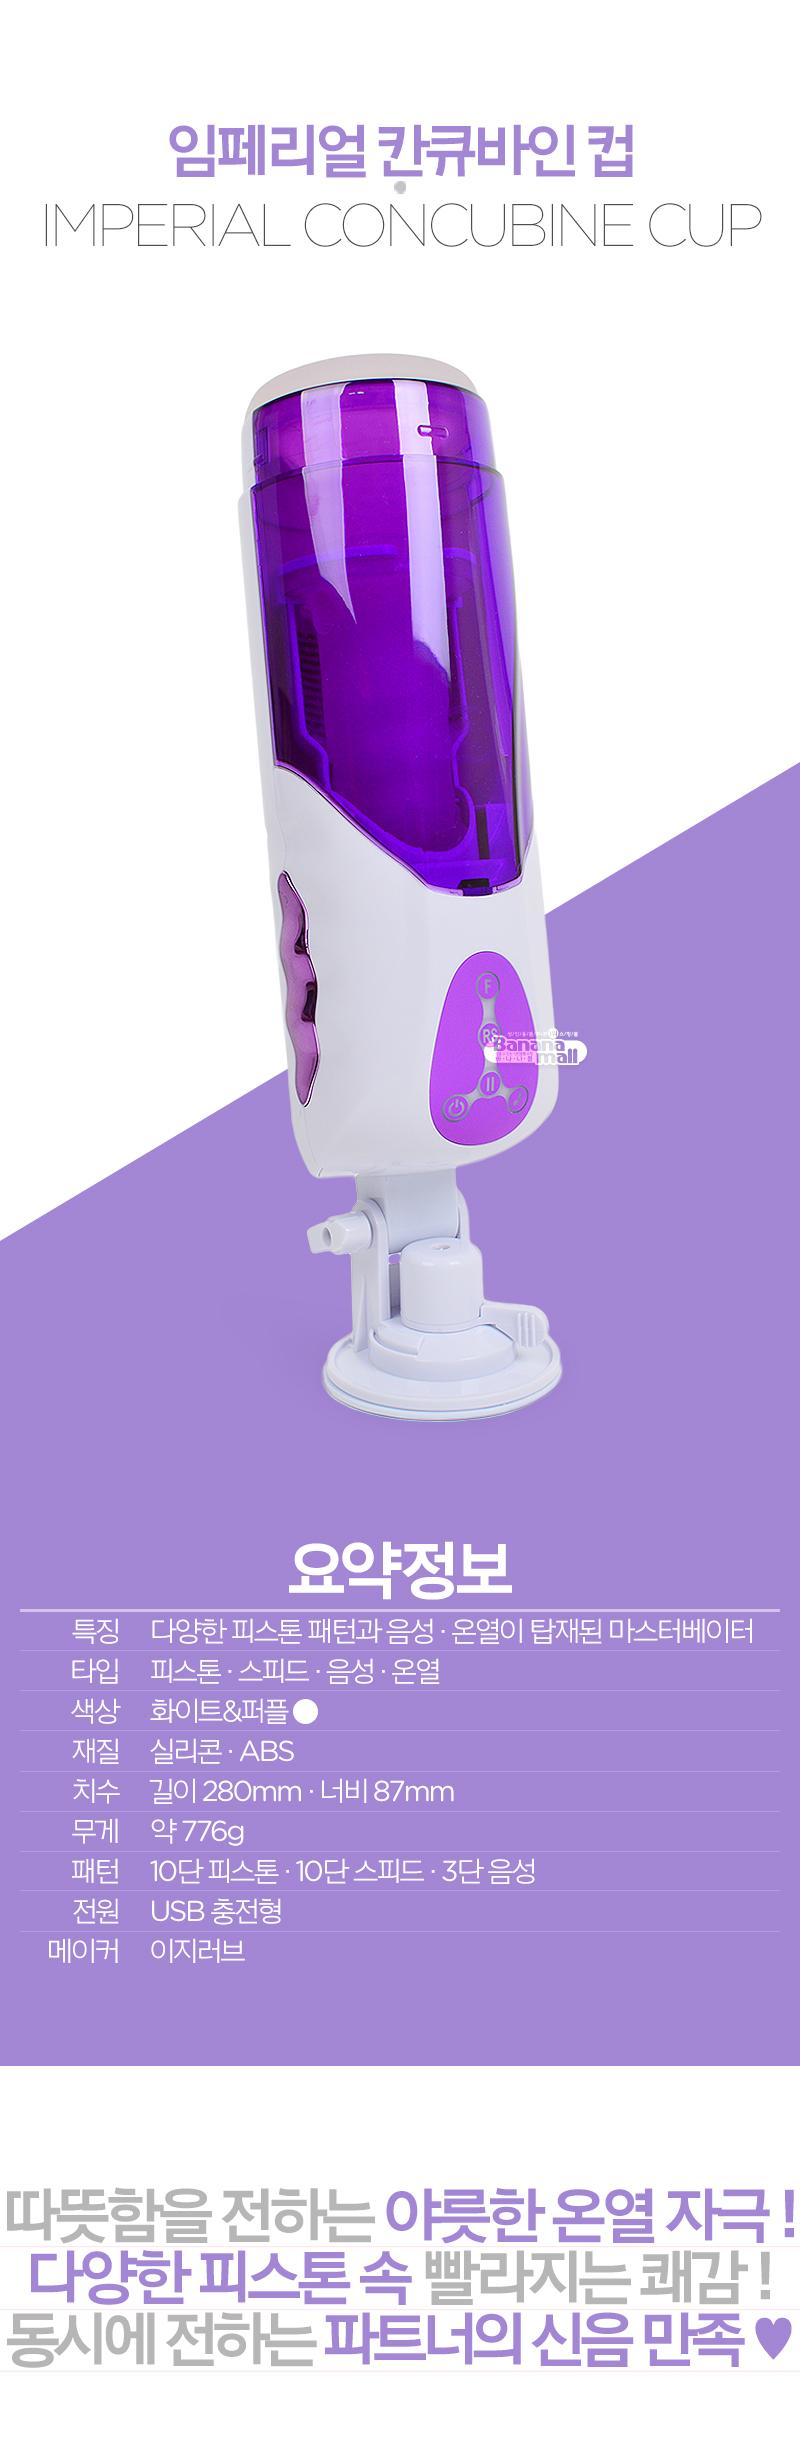 [피스톤+음성+온열] 임페리얼 칸큐바인 컵(Imperial Concubine Cup)